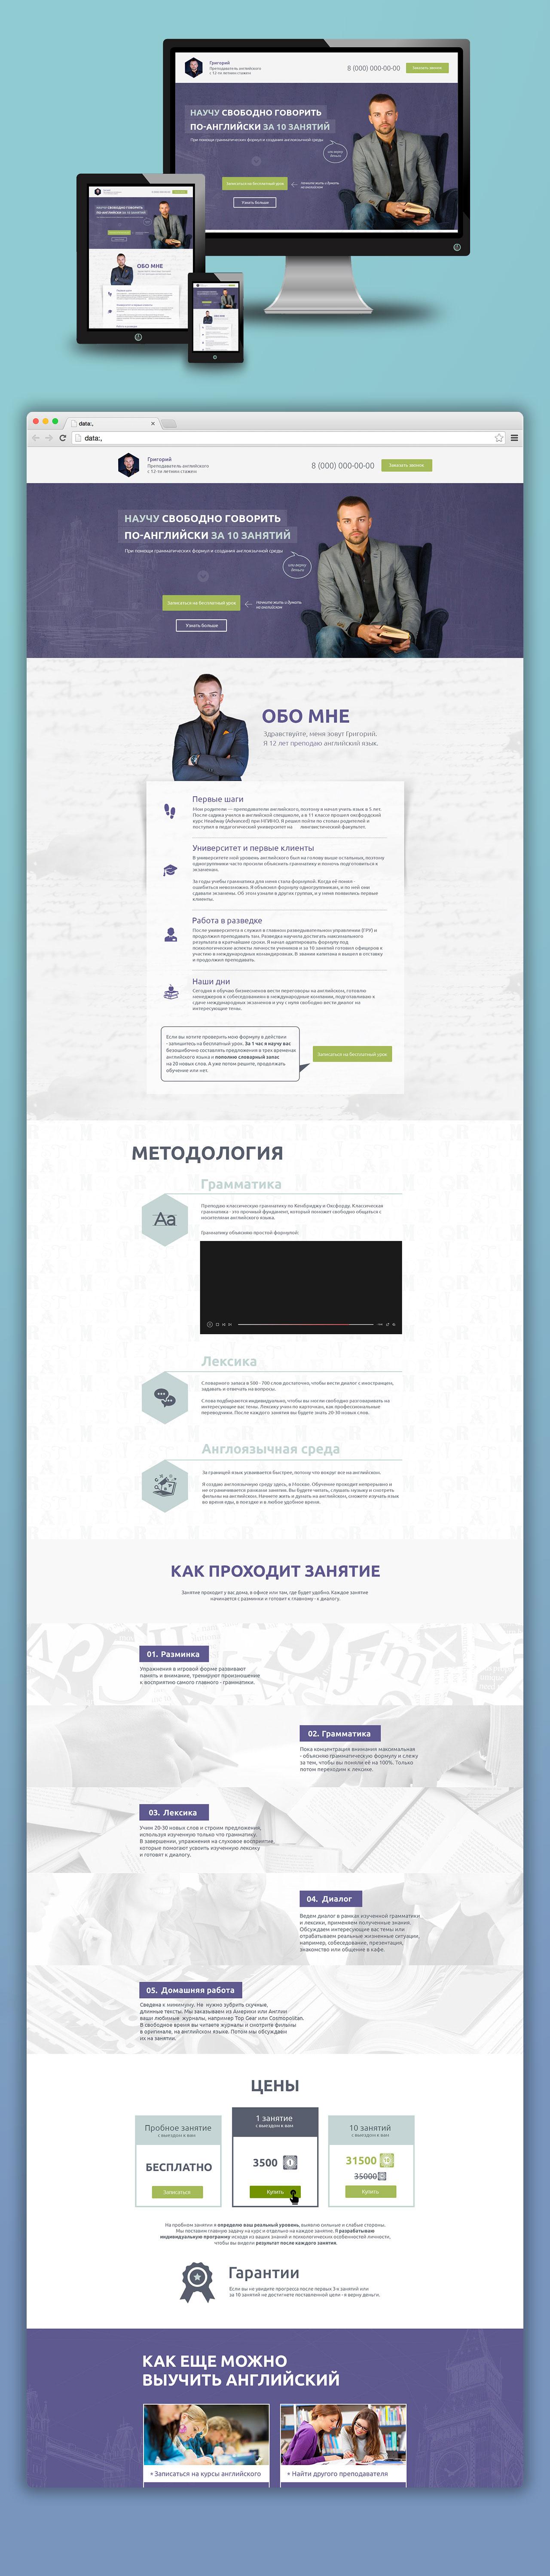 Дизайн Landing Page для частного преподавателя по английскому языку